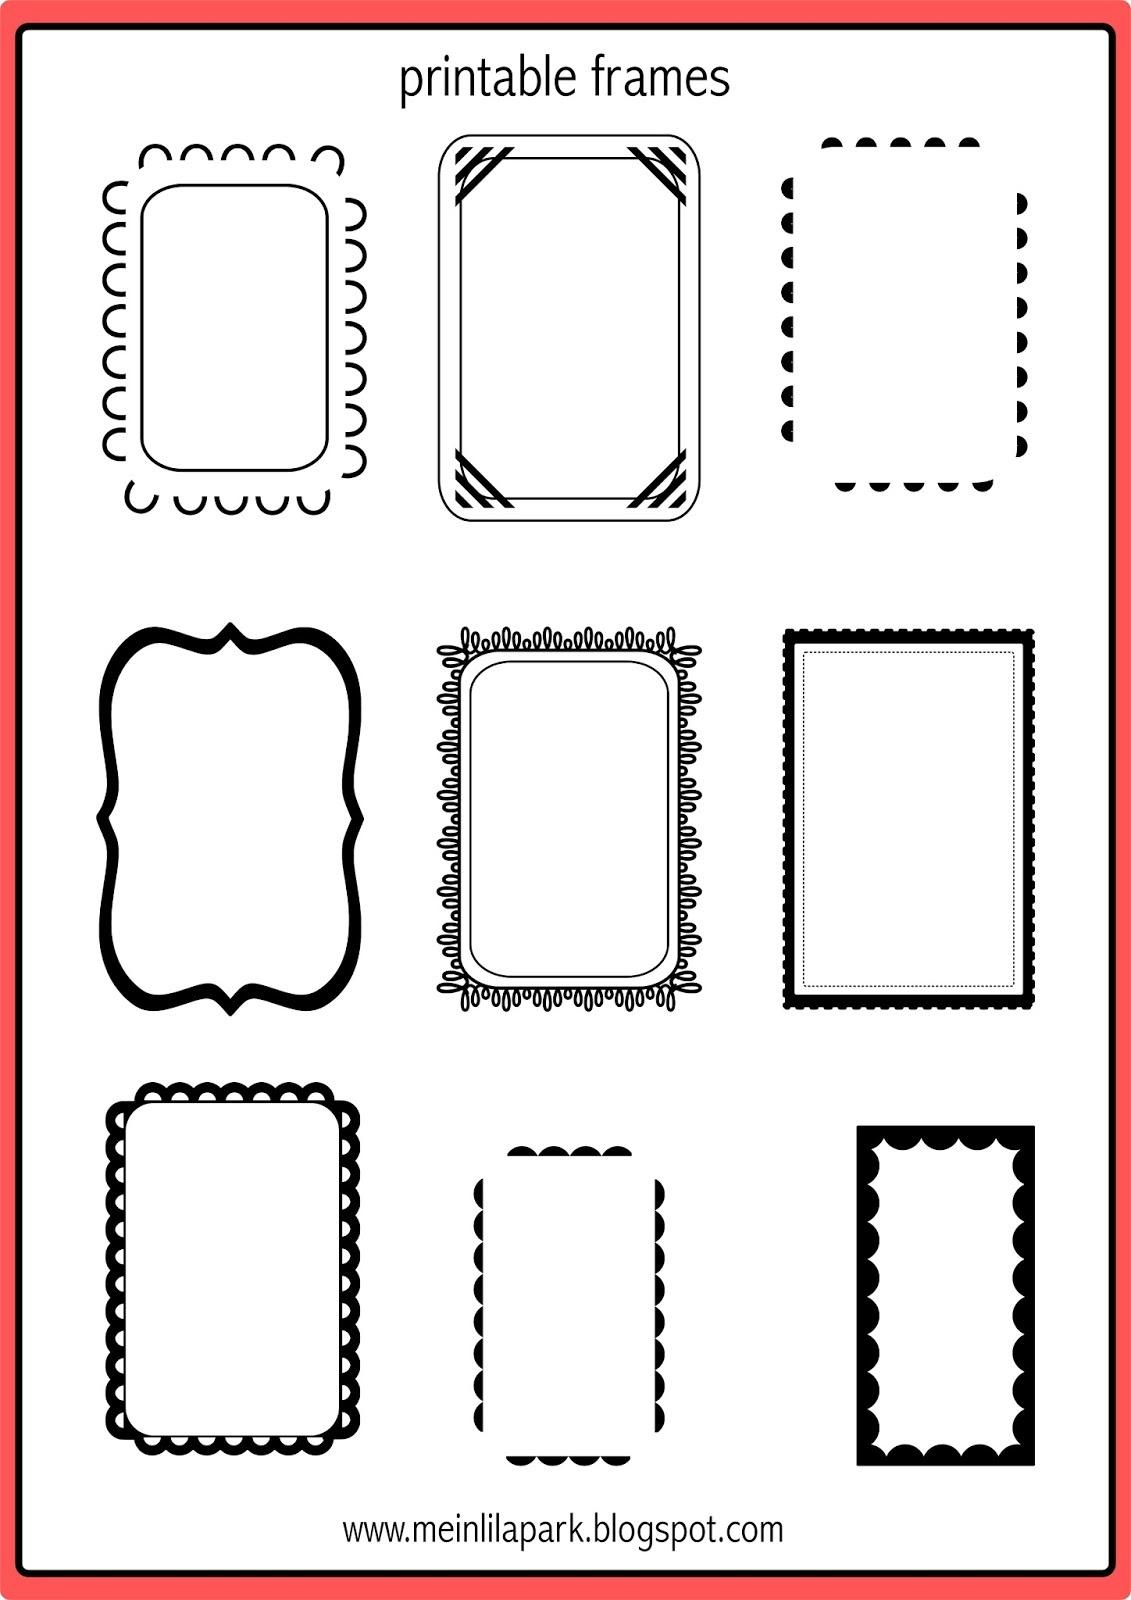 Free Printable Doodle Frames - Bullet Journal Template - Freebie - Free Printable Photo Frames